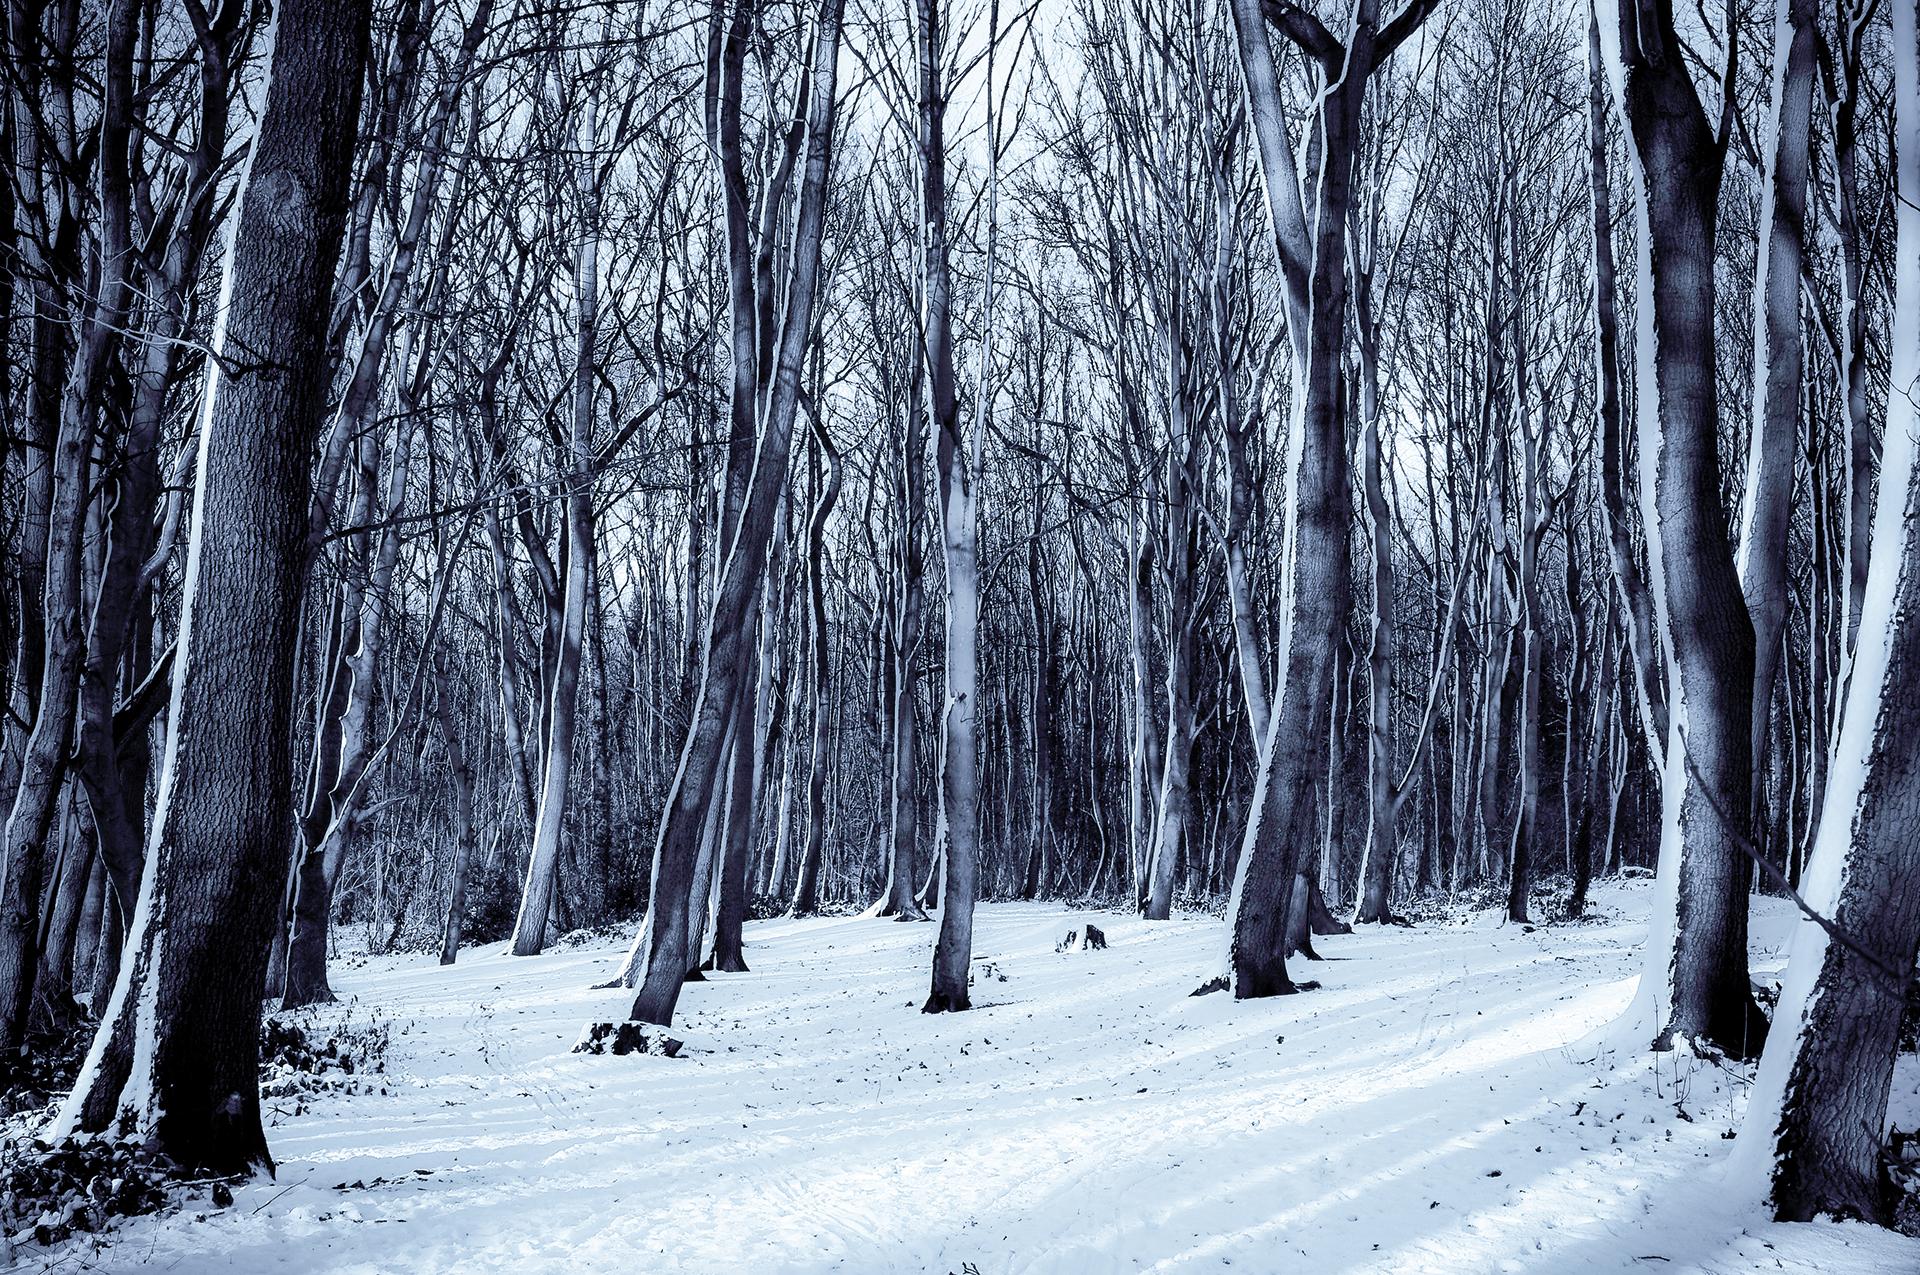 Winter Snow Tree Nature Forest Scenes Desktop Wallpaper 1920x1275